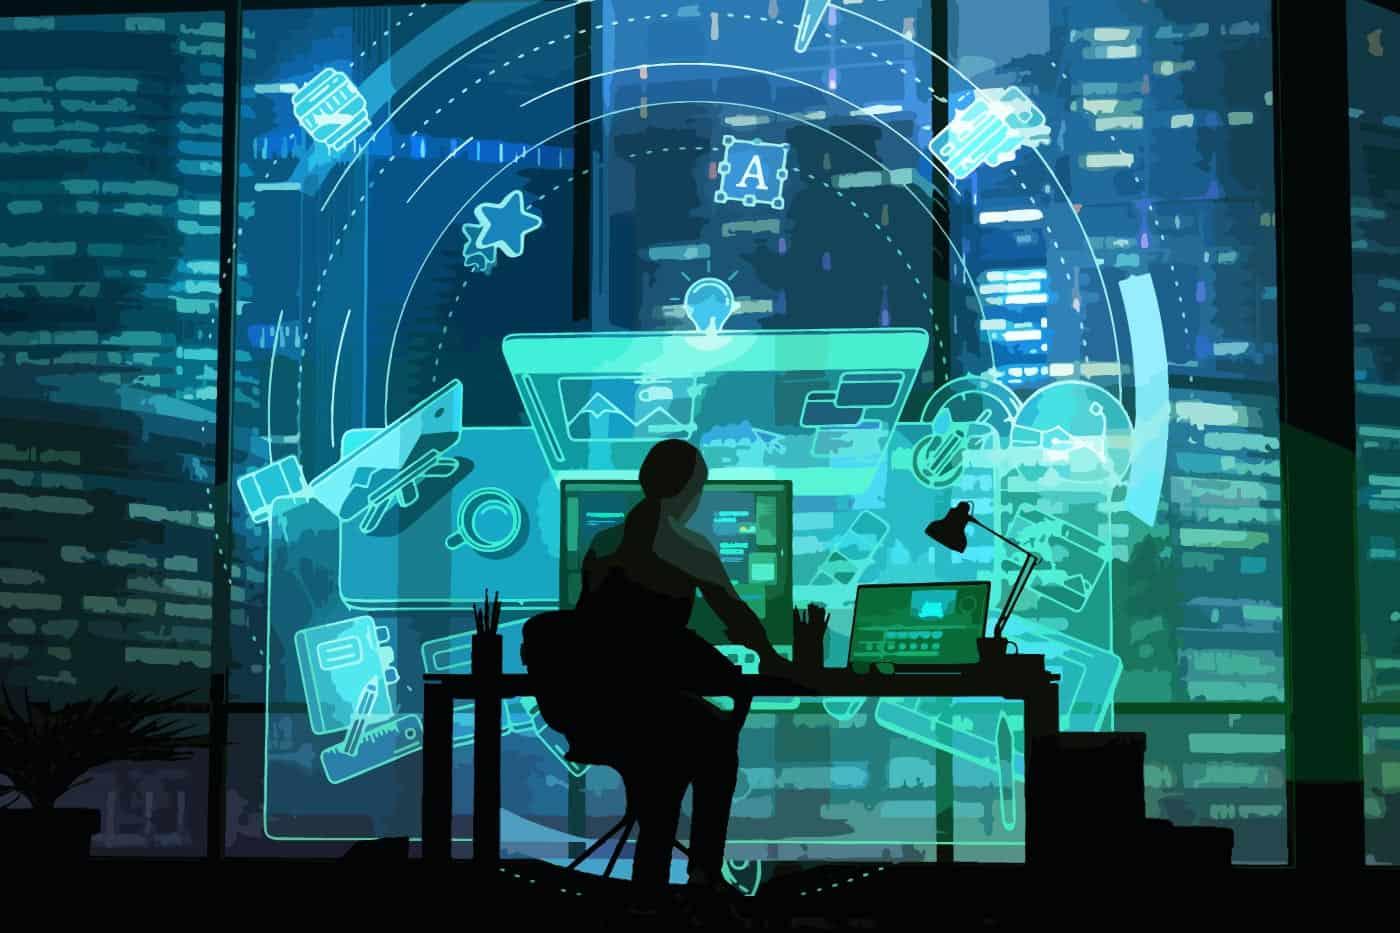 man sitting at desk looking at digital screens